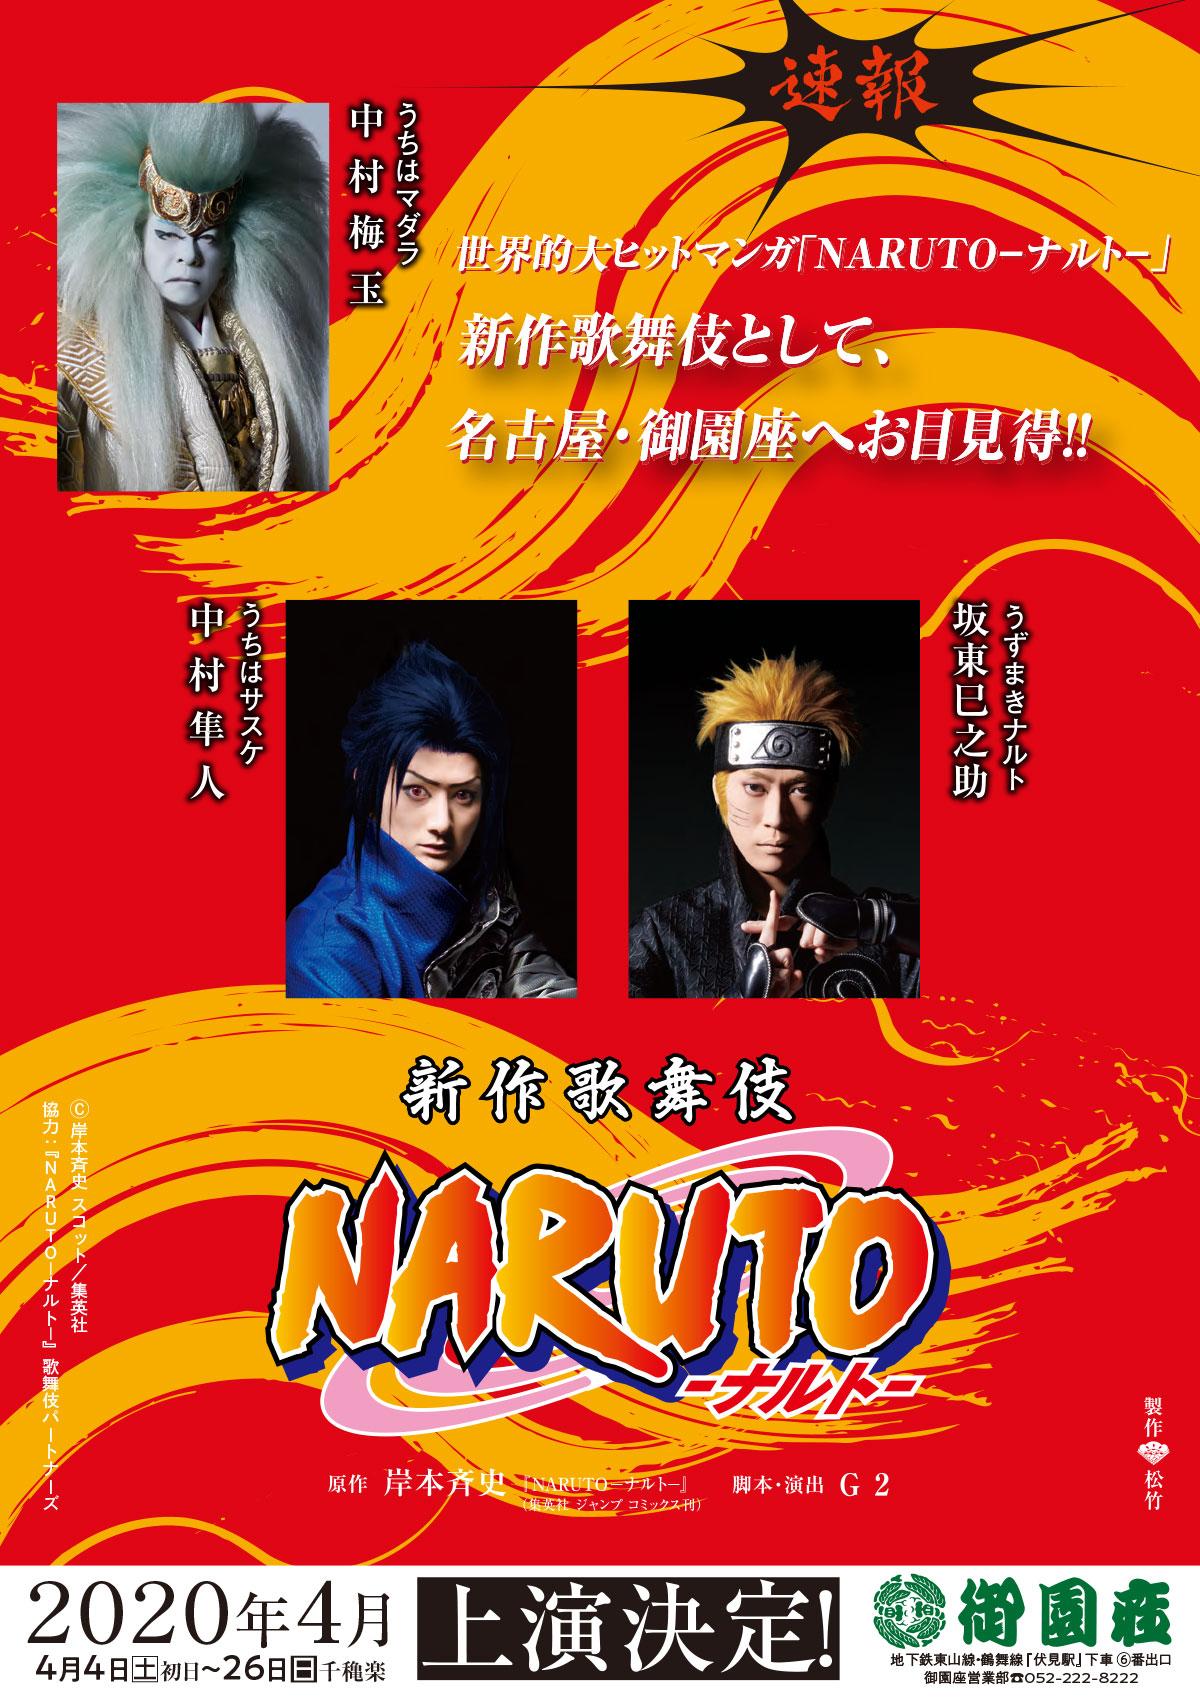 新作歌舞伎 NARUTO -ナルト-